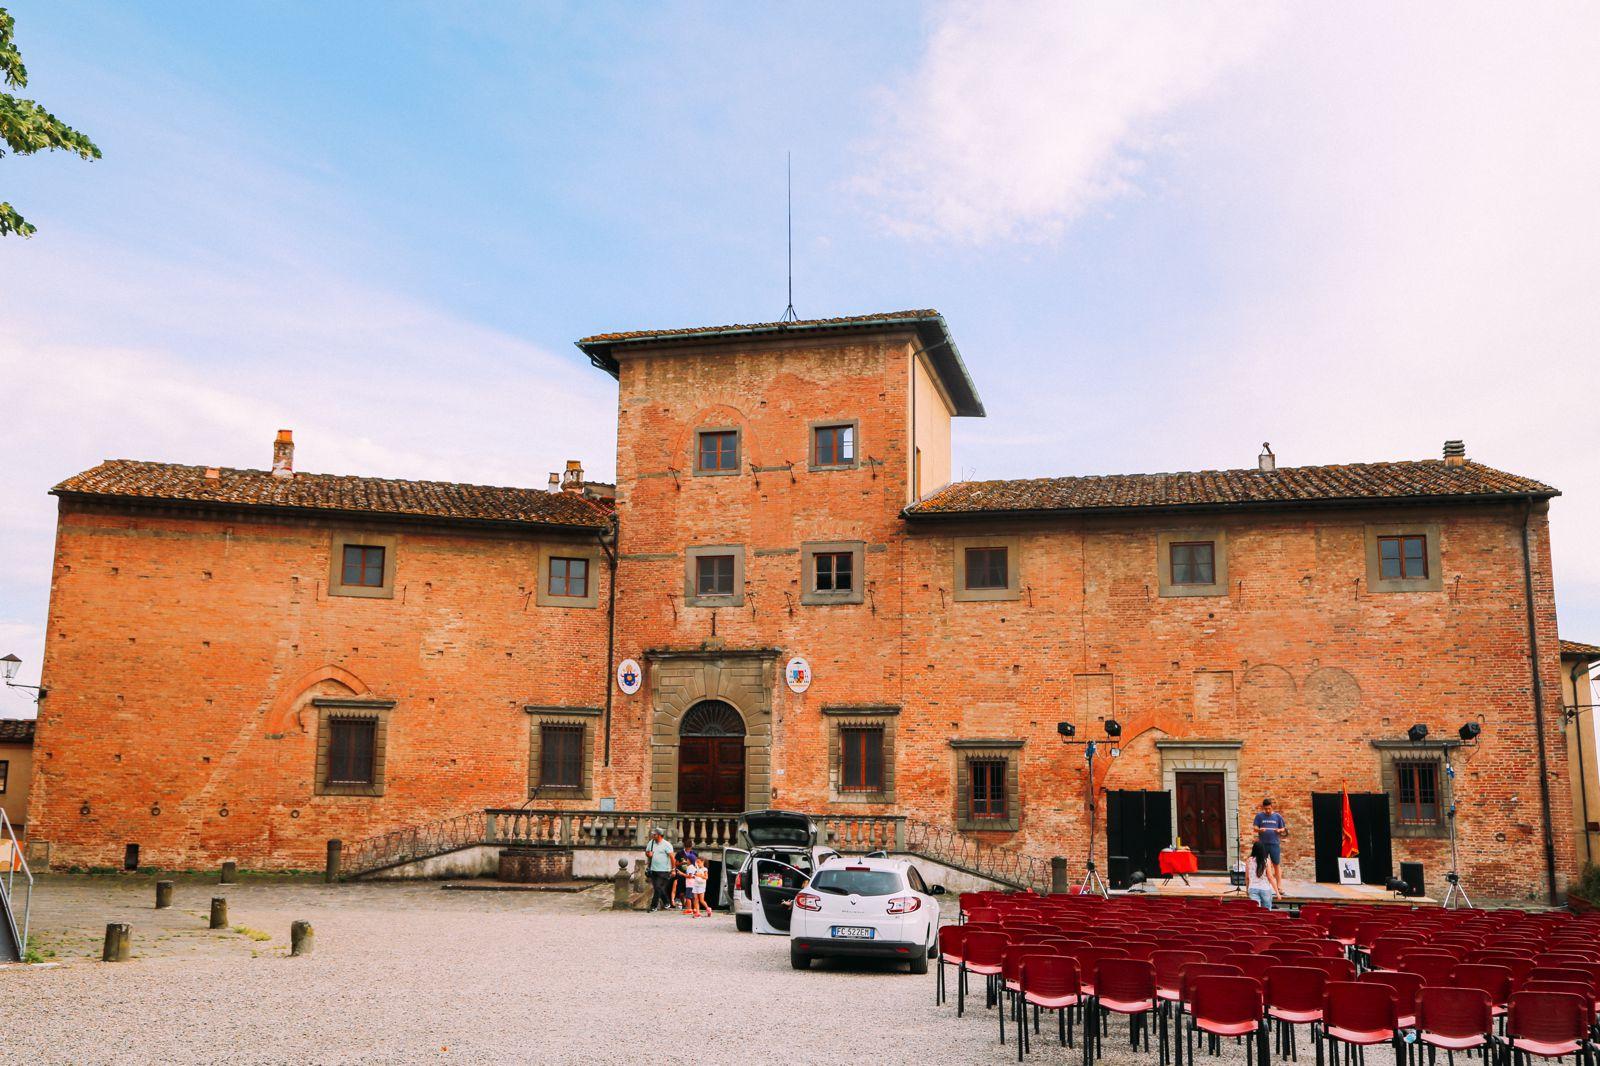 The Beautiful Tuscan Town Of San Miniato, Italy (12)